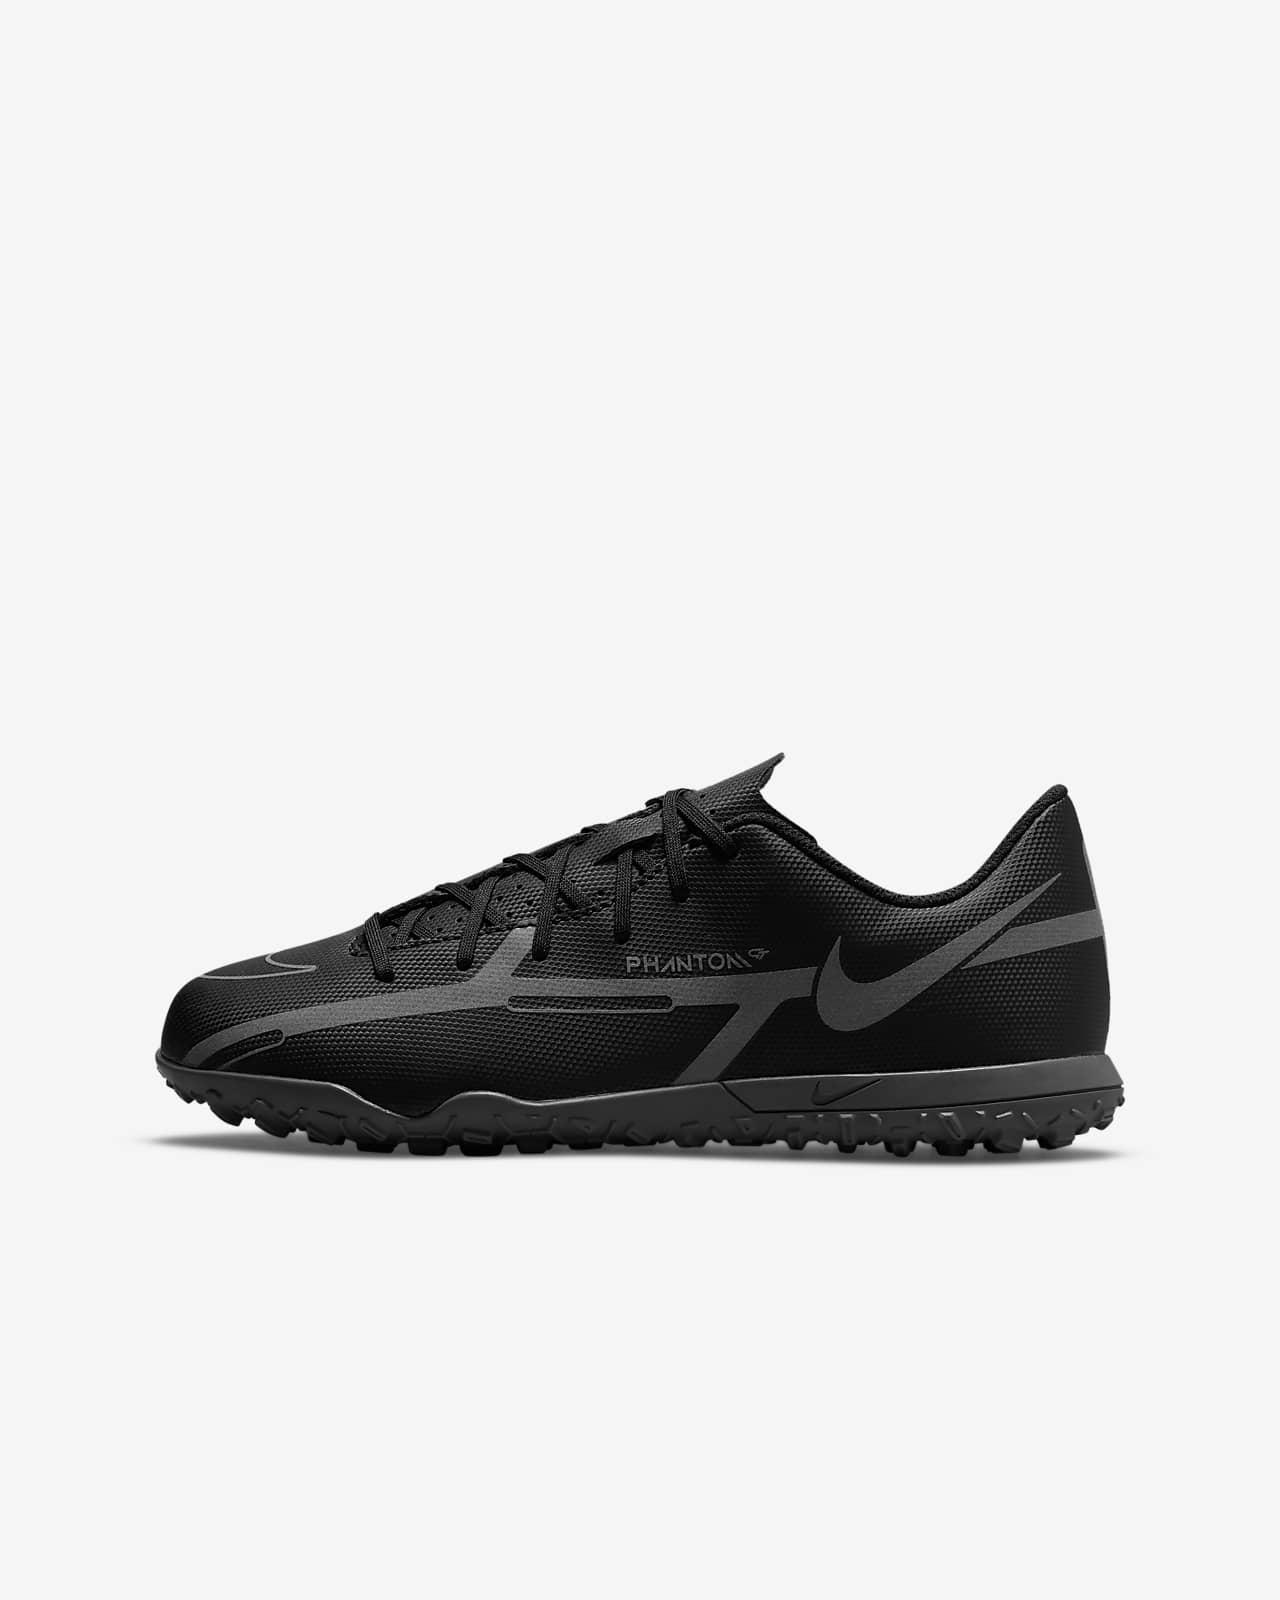 Buty piłkarskie na nawierzchnię typu turf dla małych / dużych dzieci Nike Jr. Phantom GT2 Club TF